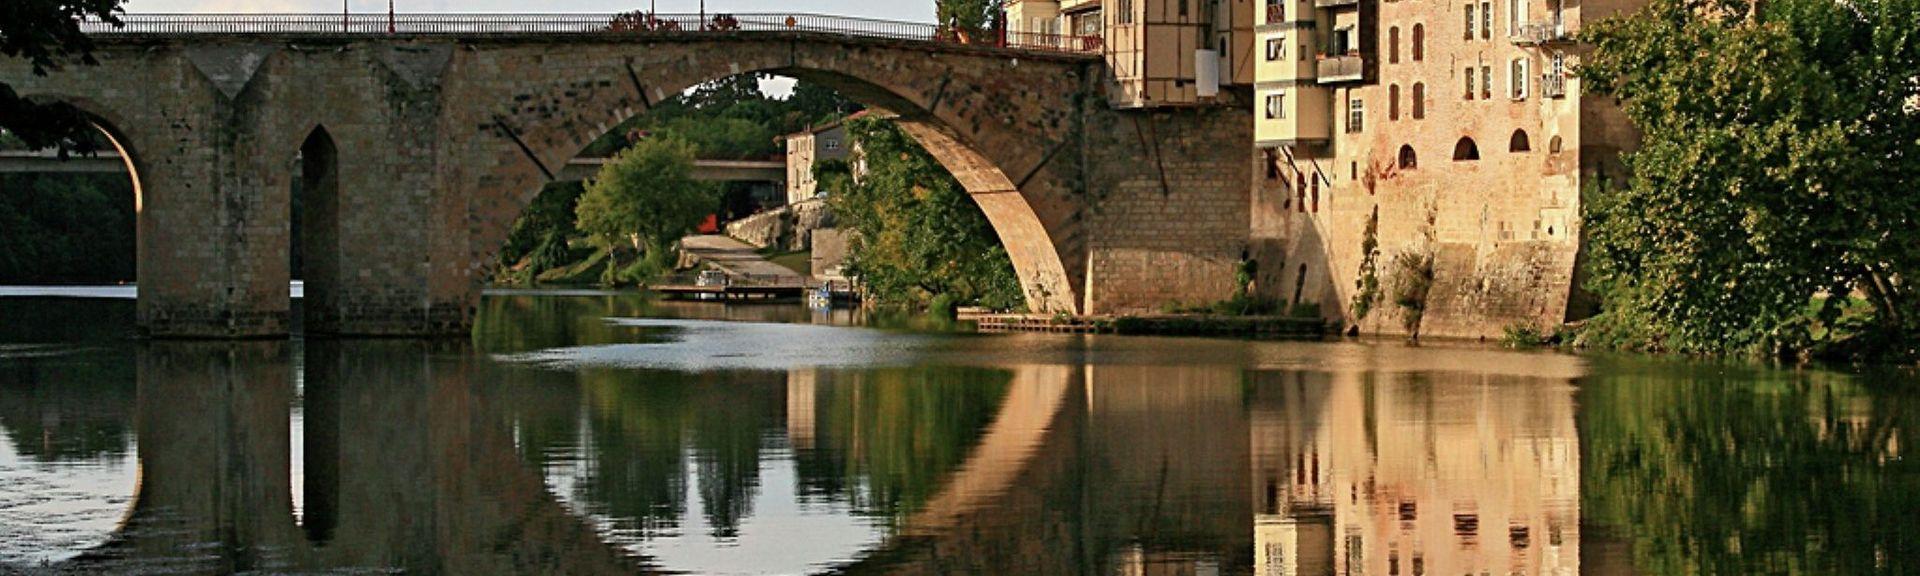 Auvillar, Tarn-et-Garonne, France